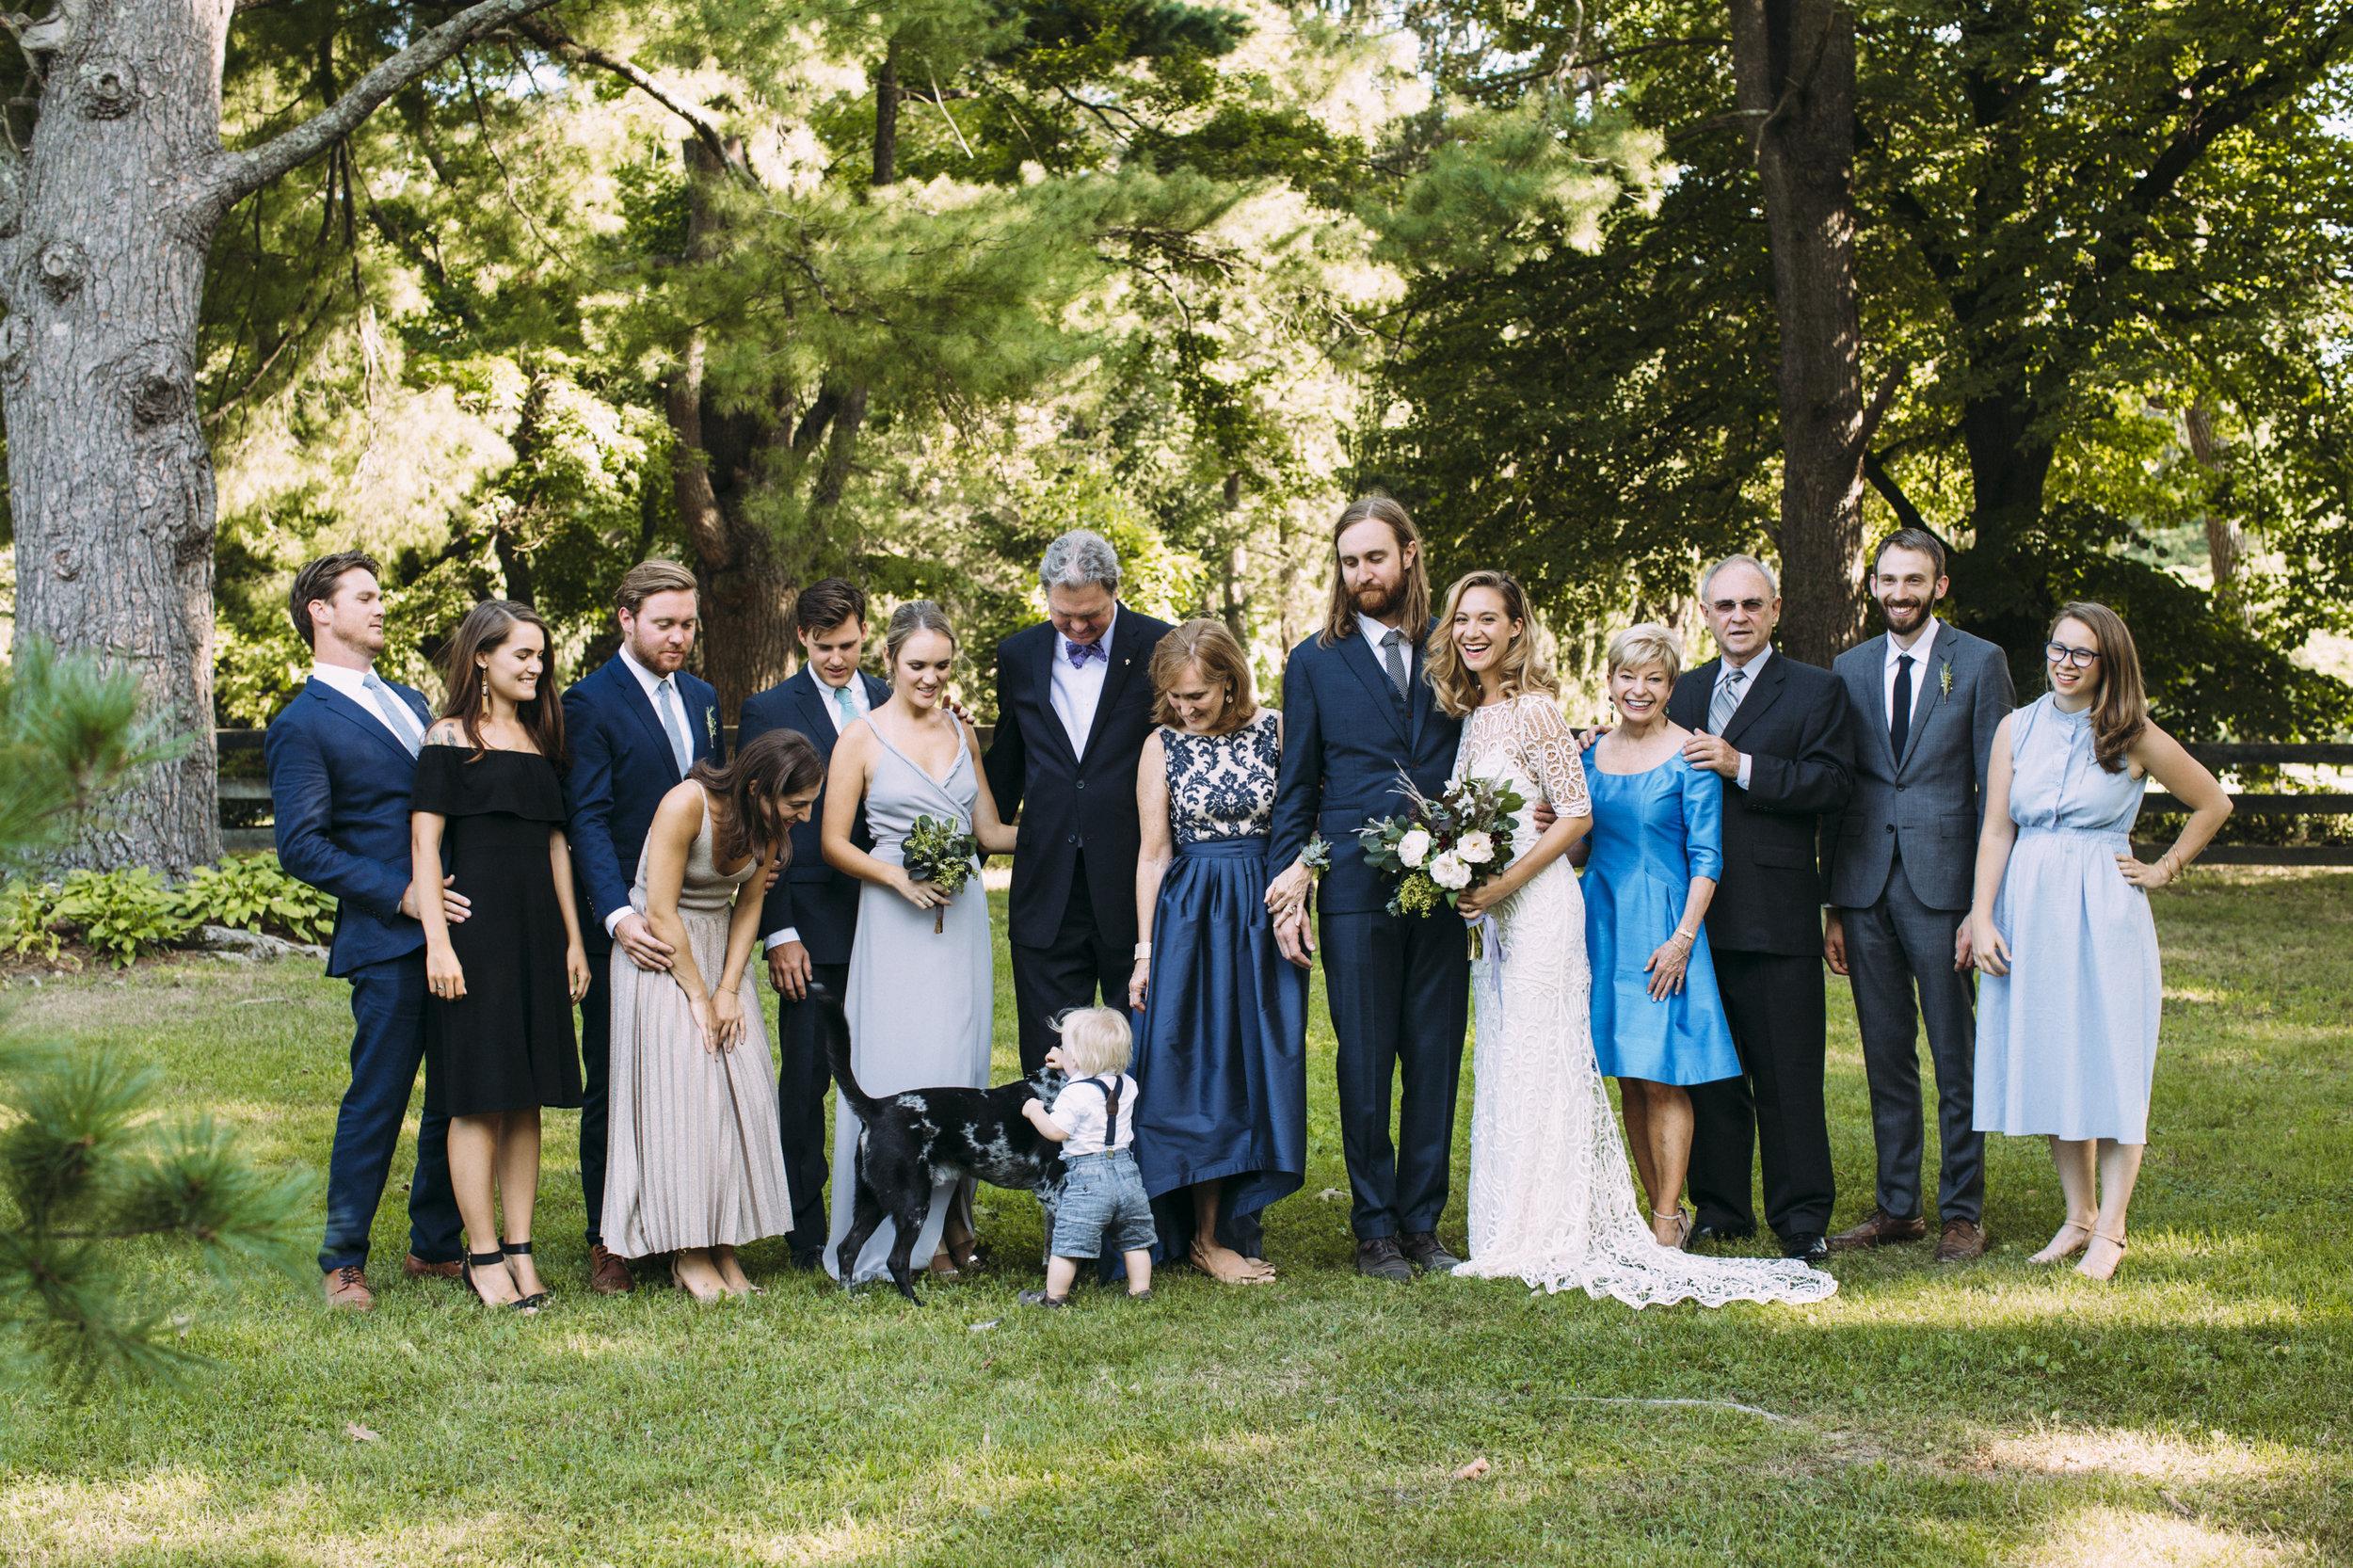 Em_and_Ax_00_wedding-367.jpg